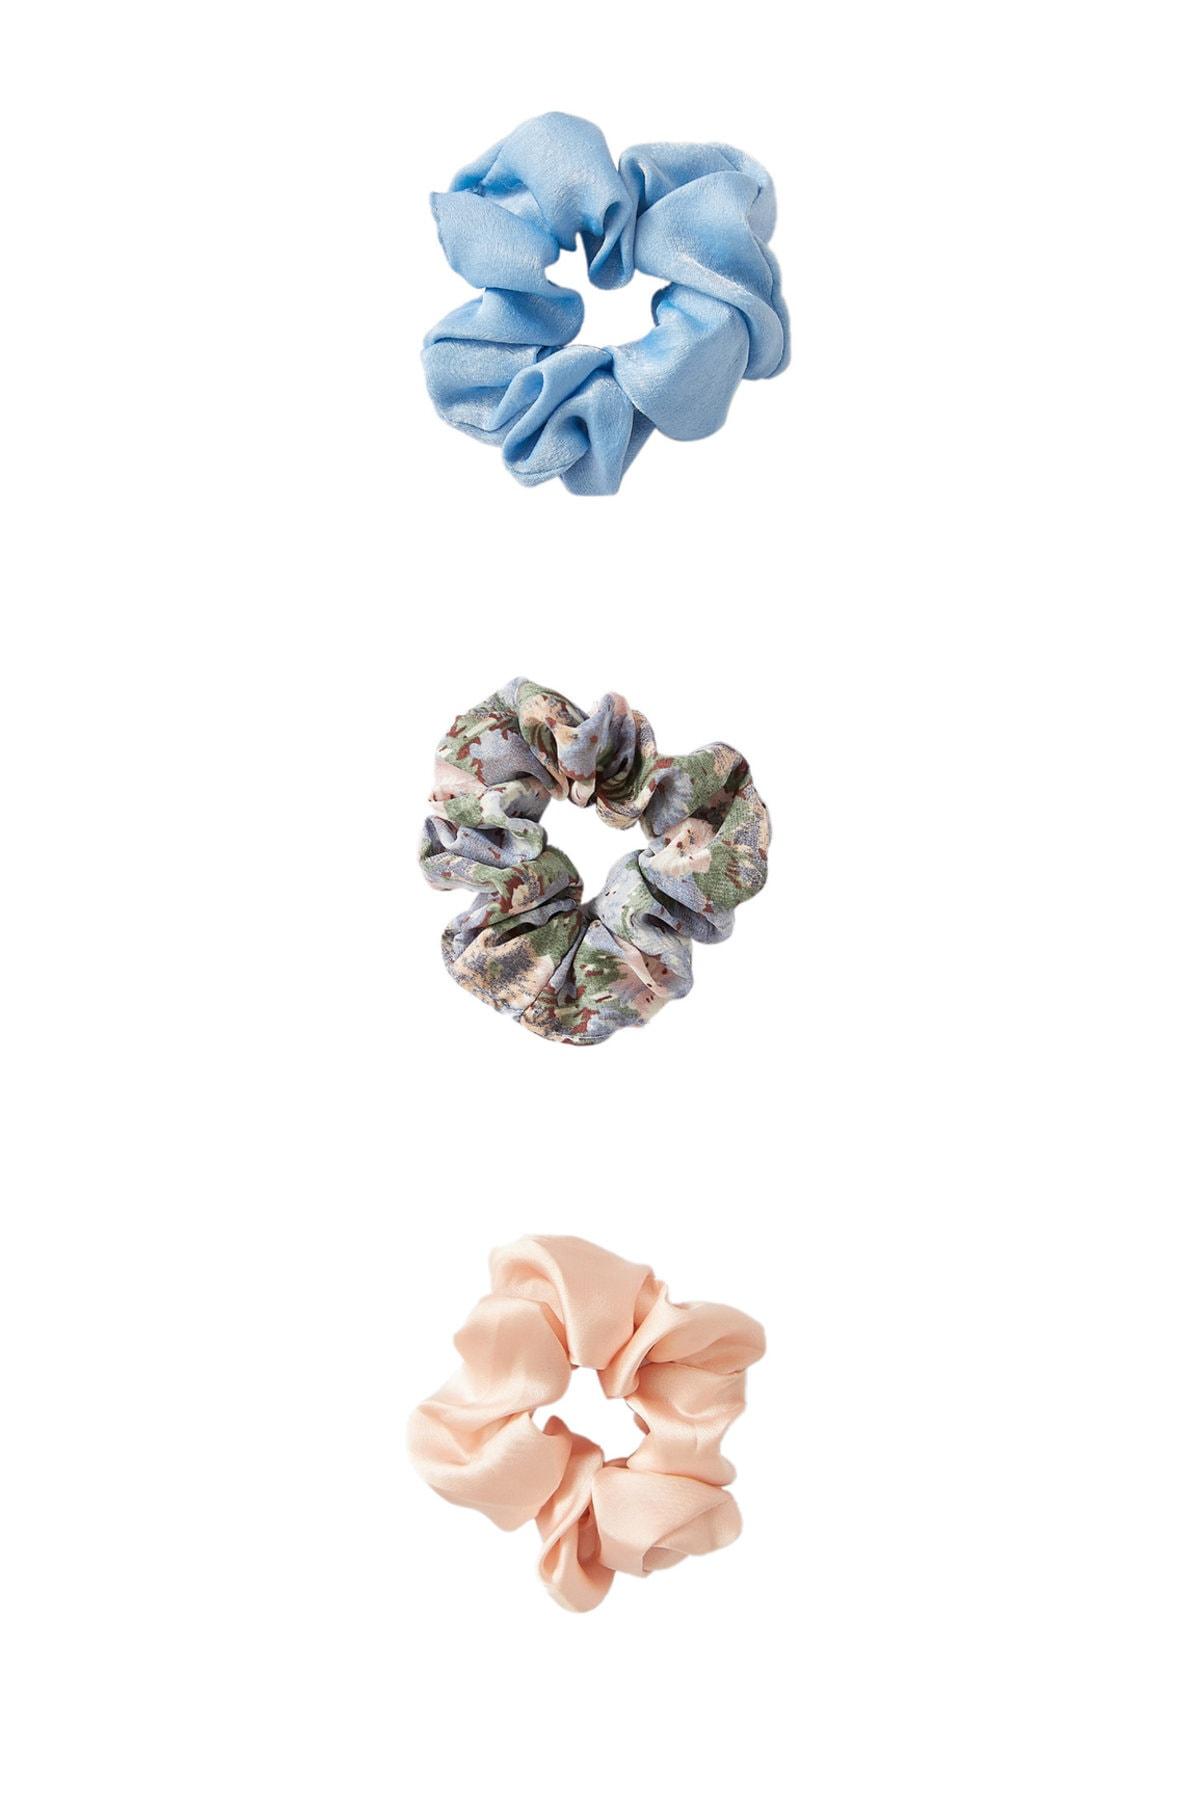 Stradivarius Kadın Açık Mavi 3'Lü Çiçek Desenli Ve Pötikareli Saç Lastiği Paketi 00237009 1